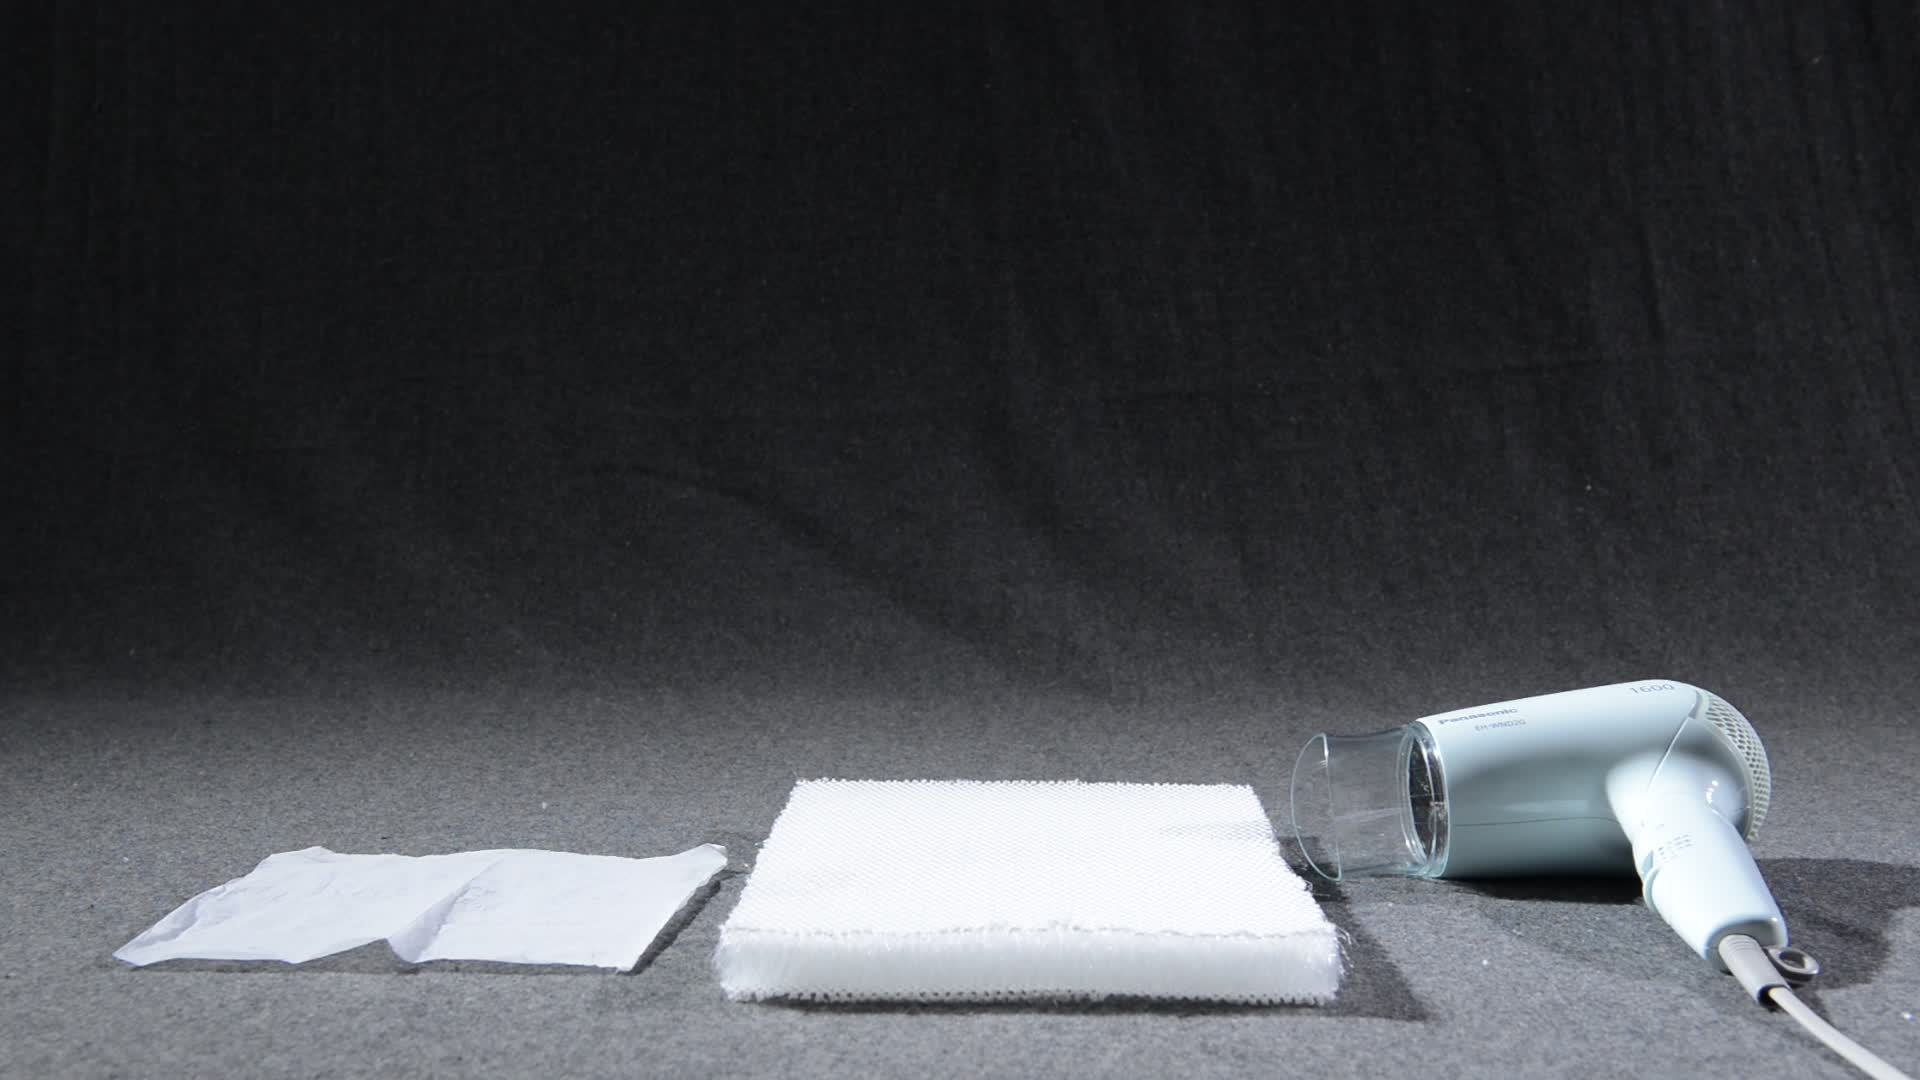 エコテックス認証経編 3D 空気メッシュクッションマットカバーベビーヘッド整形枕カバー